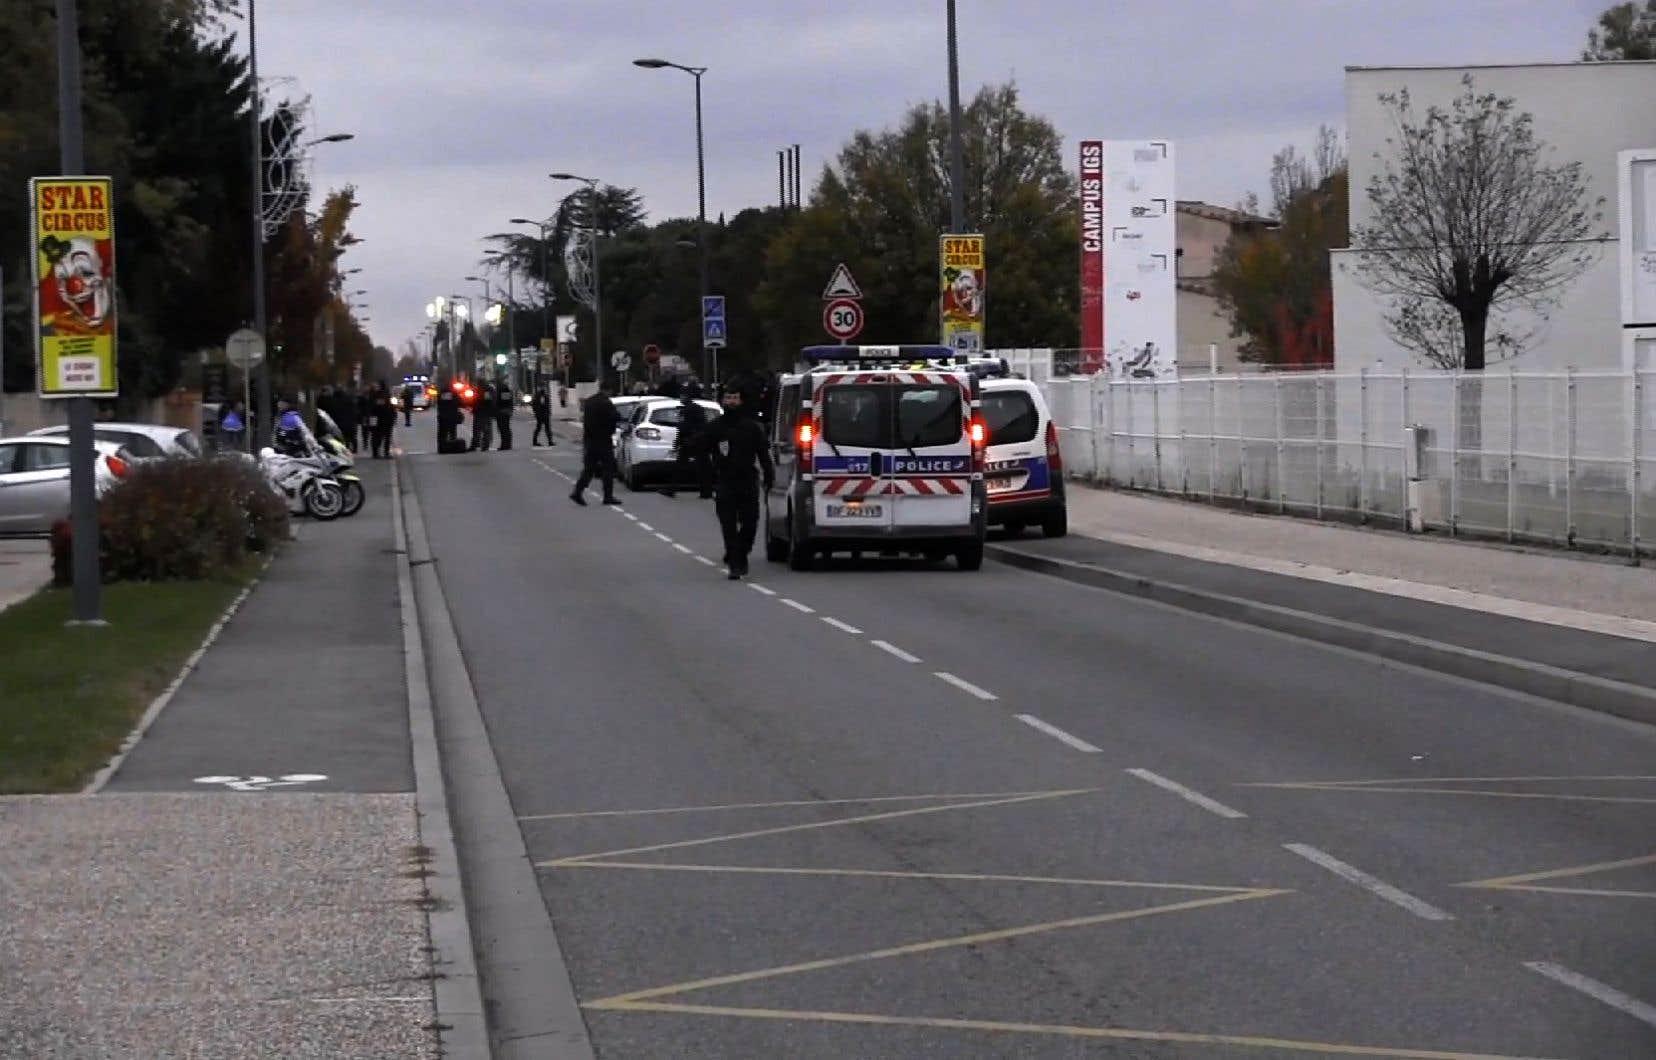 Cette attaque intervient alors que la France vit sous une constante menace terroriste depuis la vague d'attentats djihadistes sans précédent qui ont fait 241 morts depuis 2015.